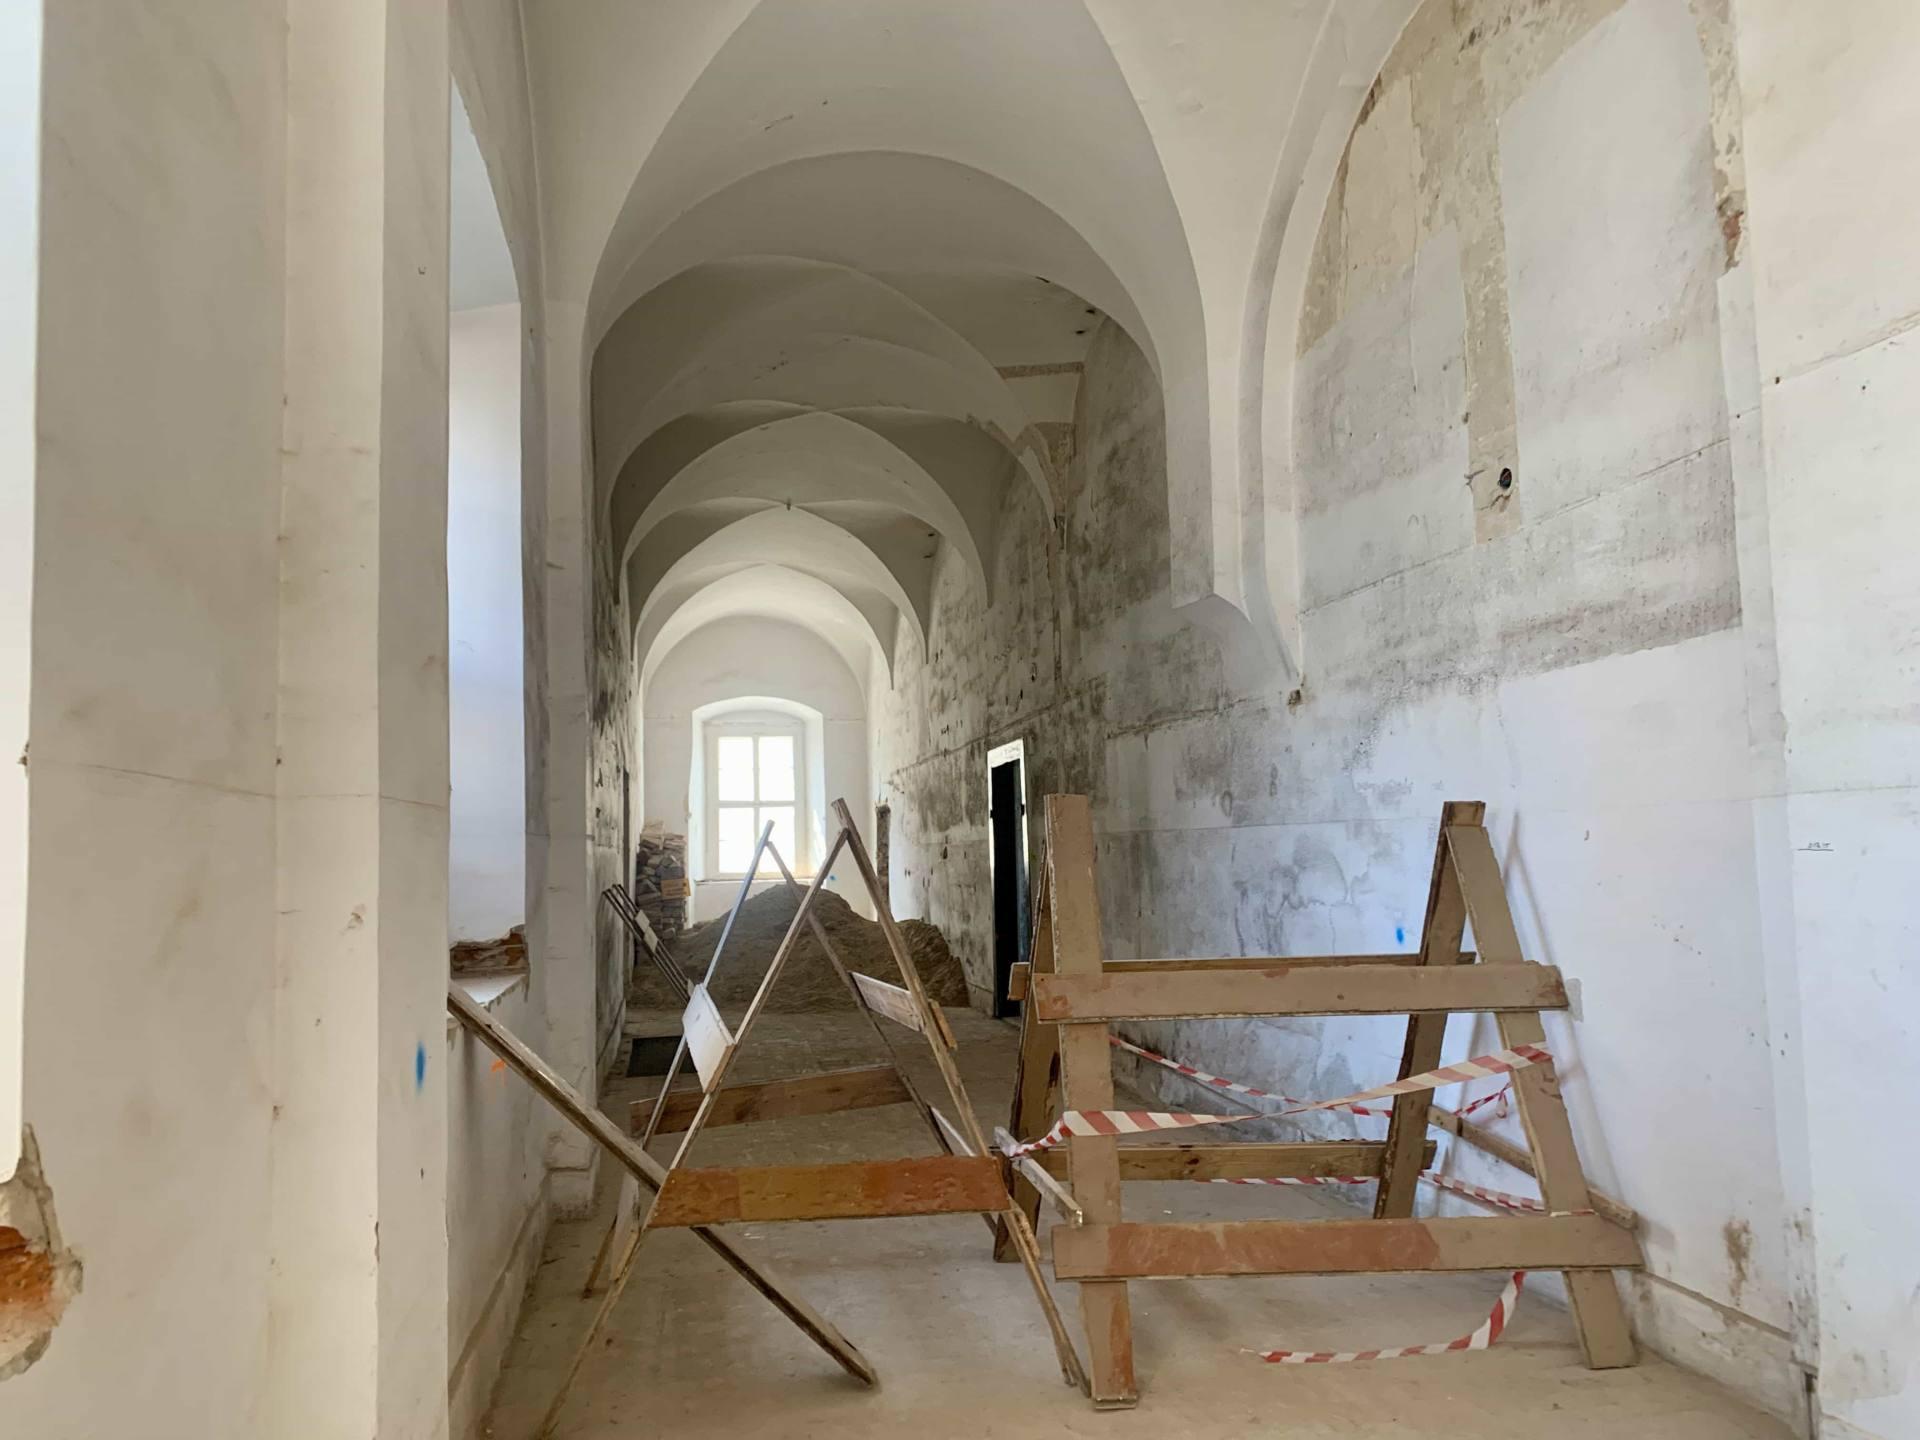 img 1818 ZAMOŚĆ: Wznowiono roboty budowlane i prace konserwatorskie w obiekcie Akademii Zamojskiej [ZDJĘCIA]